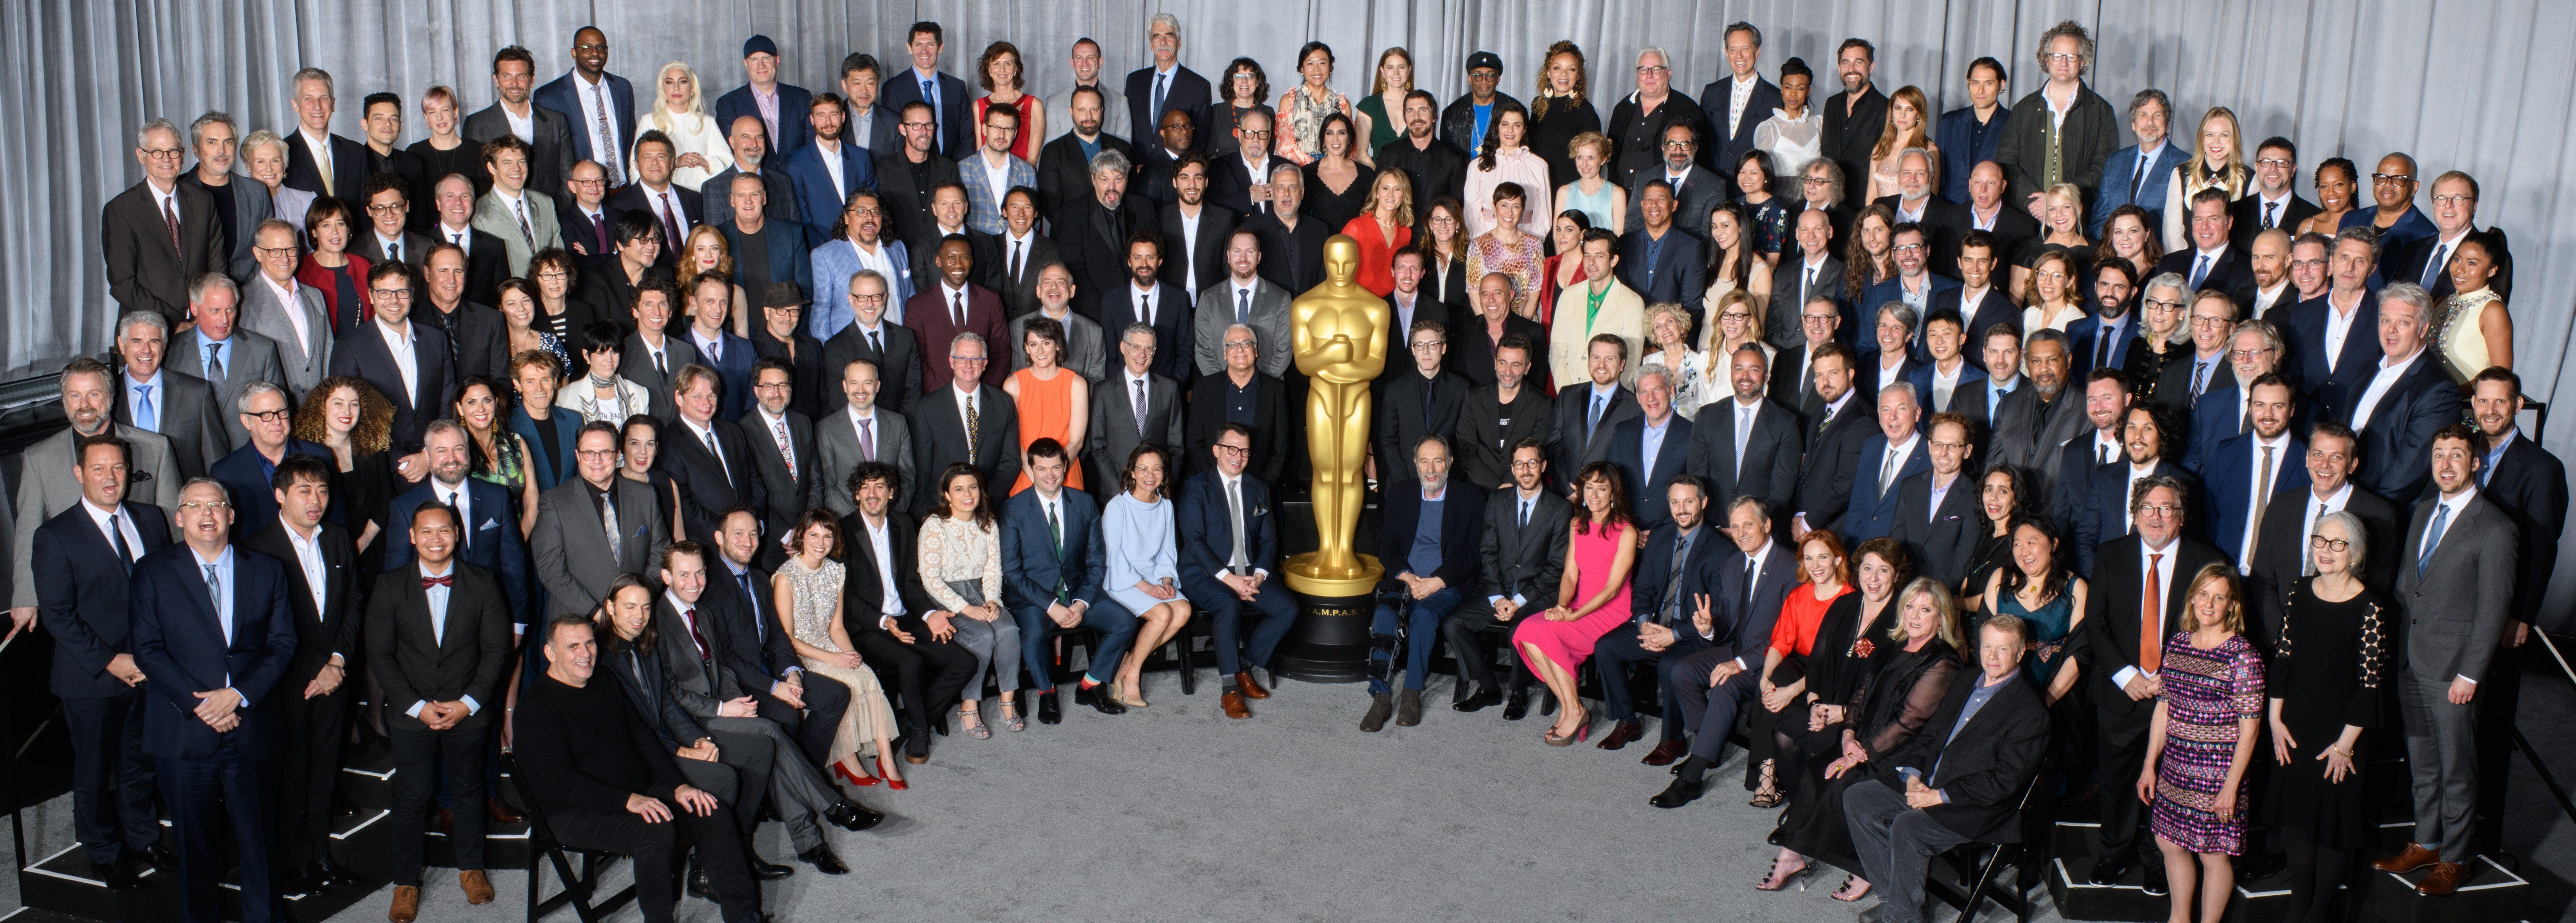 Los nominados a los Oscar 2019 se hacen la tradicional foto de familia